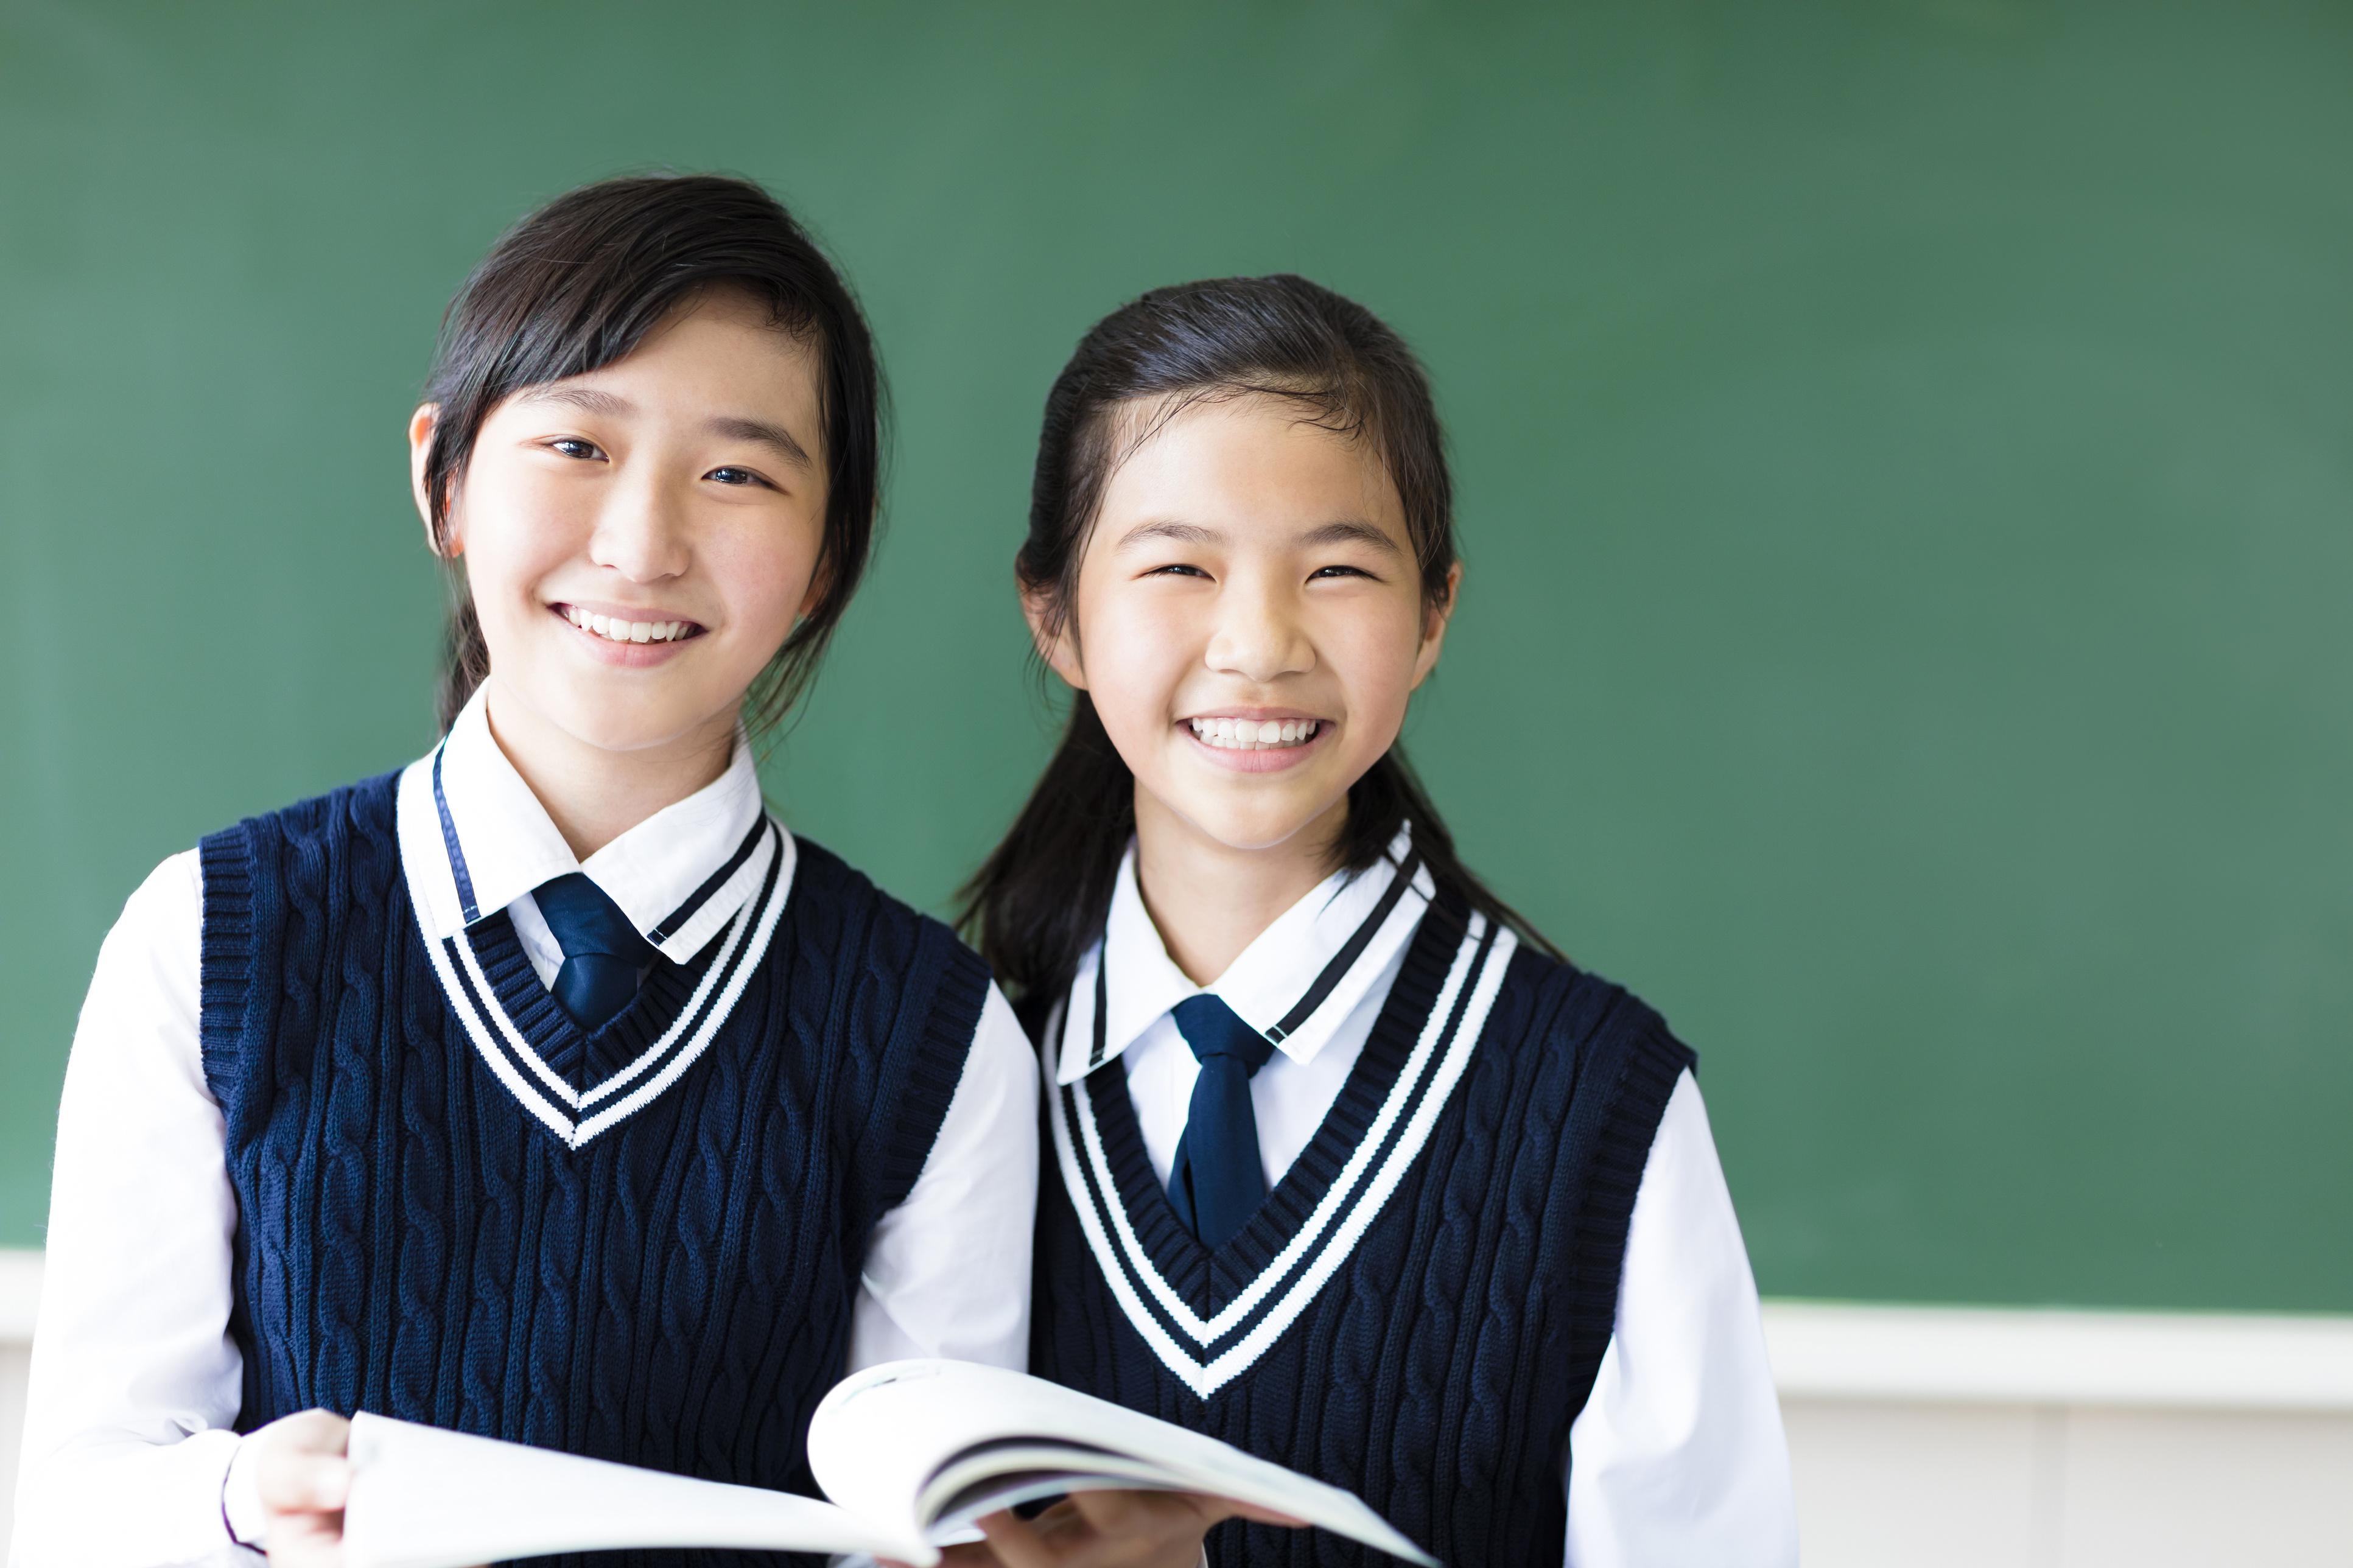 Rosszat érezni tilos: a japán - és általában a keleti - gyerekeket, diákokat abban a szellemben nevelik, hogy negatív érzelmeiket tartsák magukban. Csak a pozitív érzelmek kinyilvánítását tartják ildomosnak mindenkor, így az iskolában is.